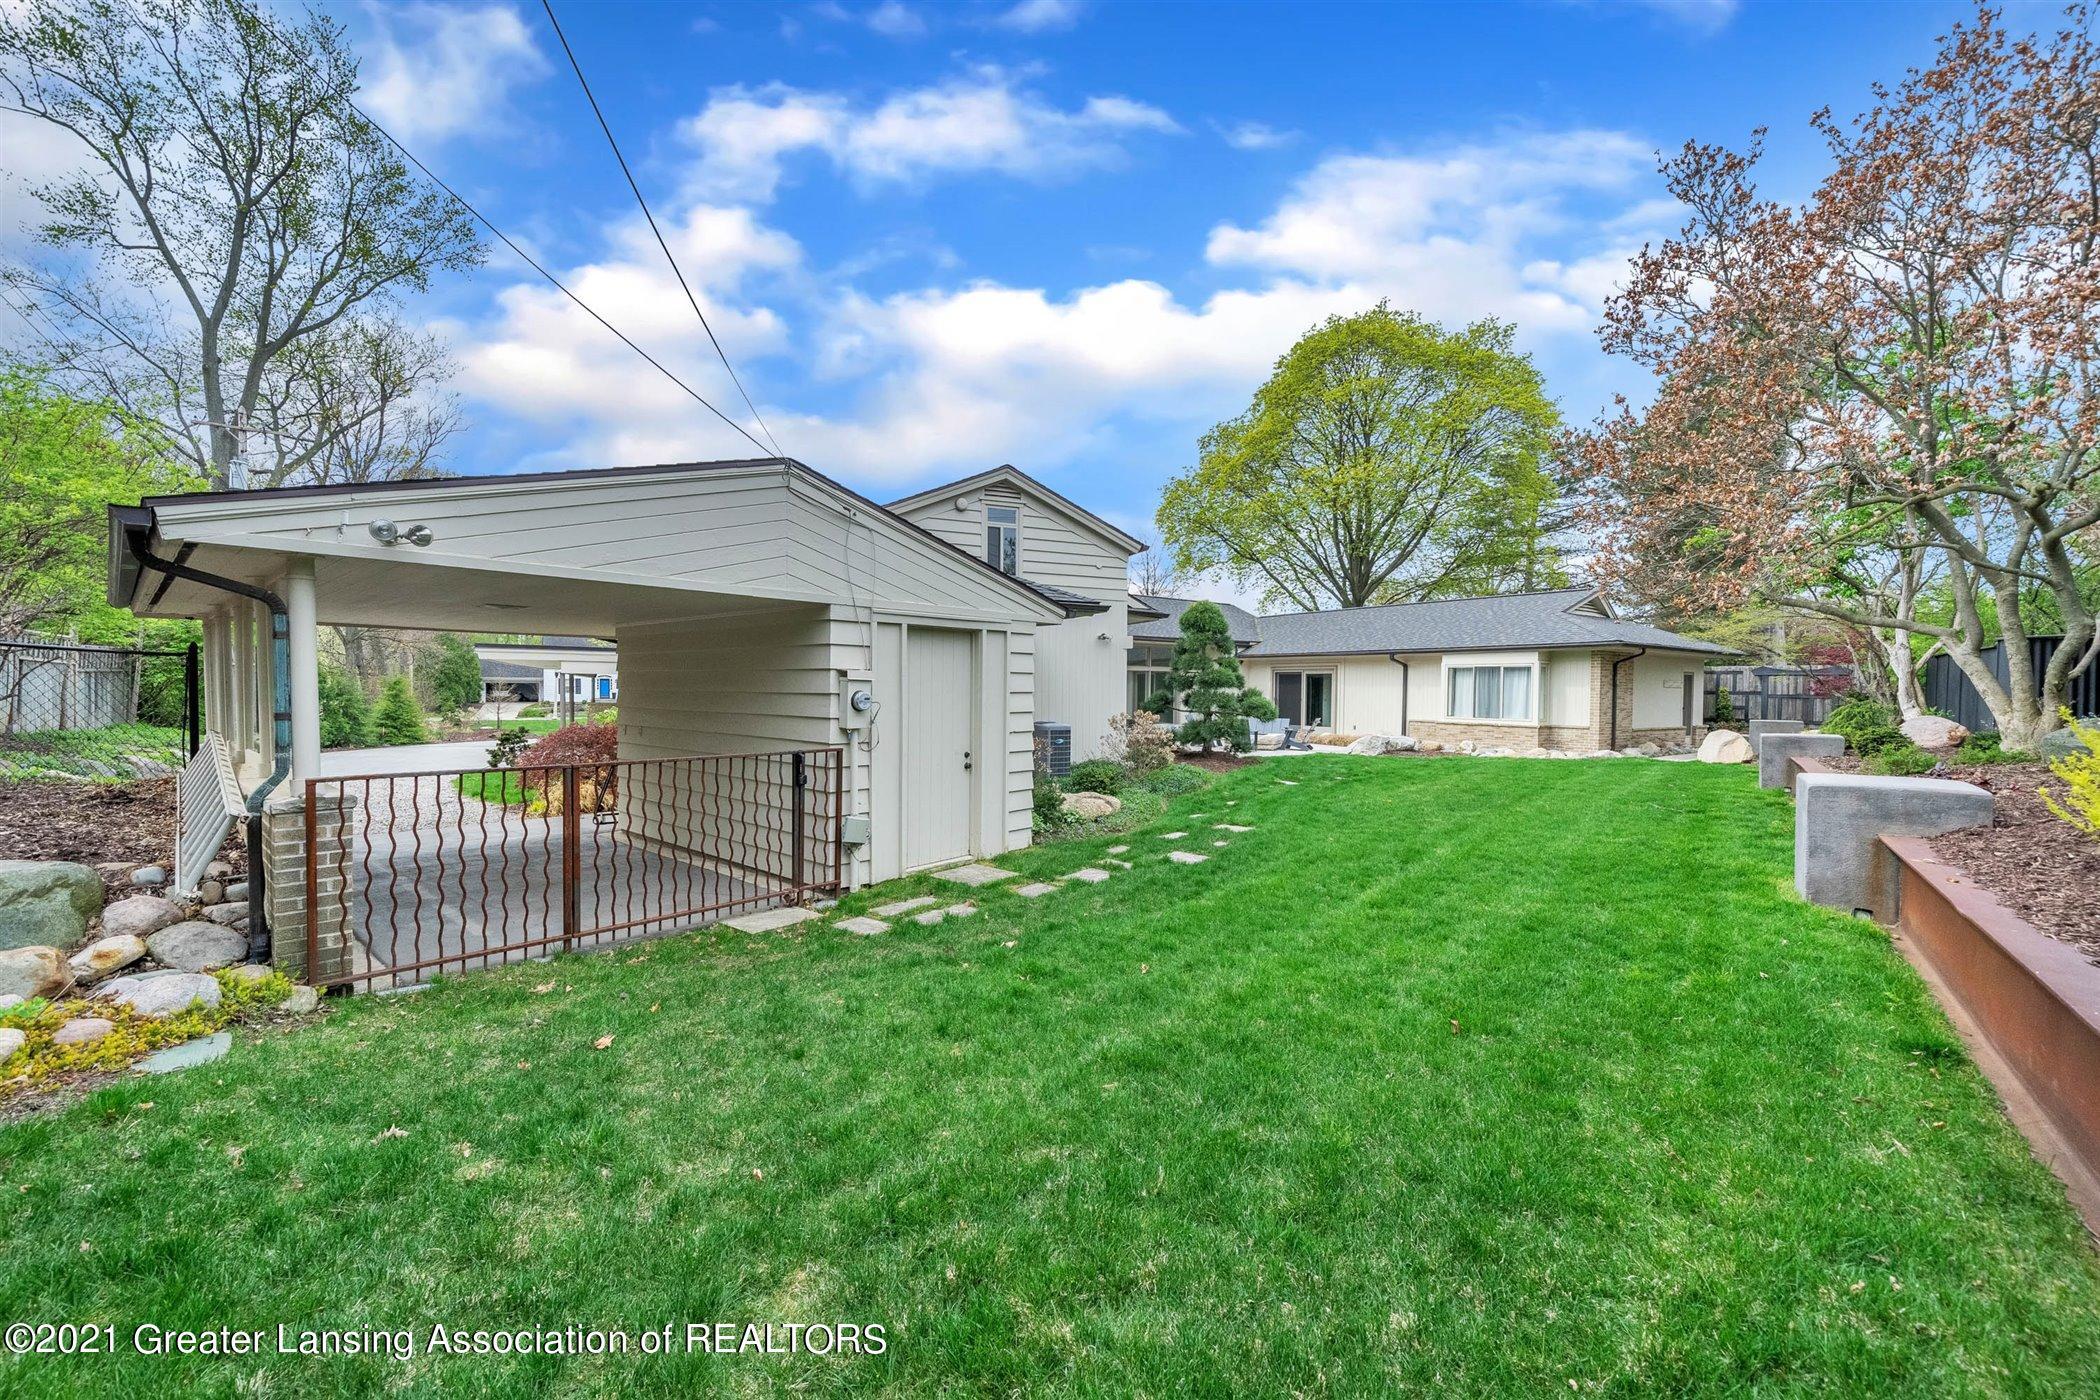 820 Southlawn Ave - EXTERIOR Backyard - 47